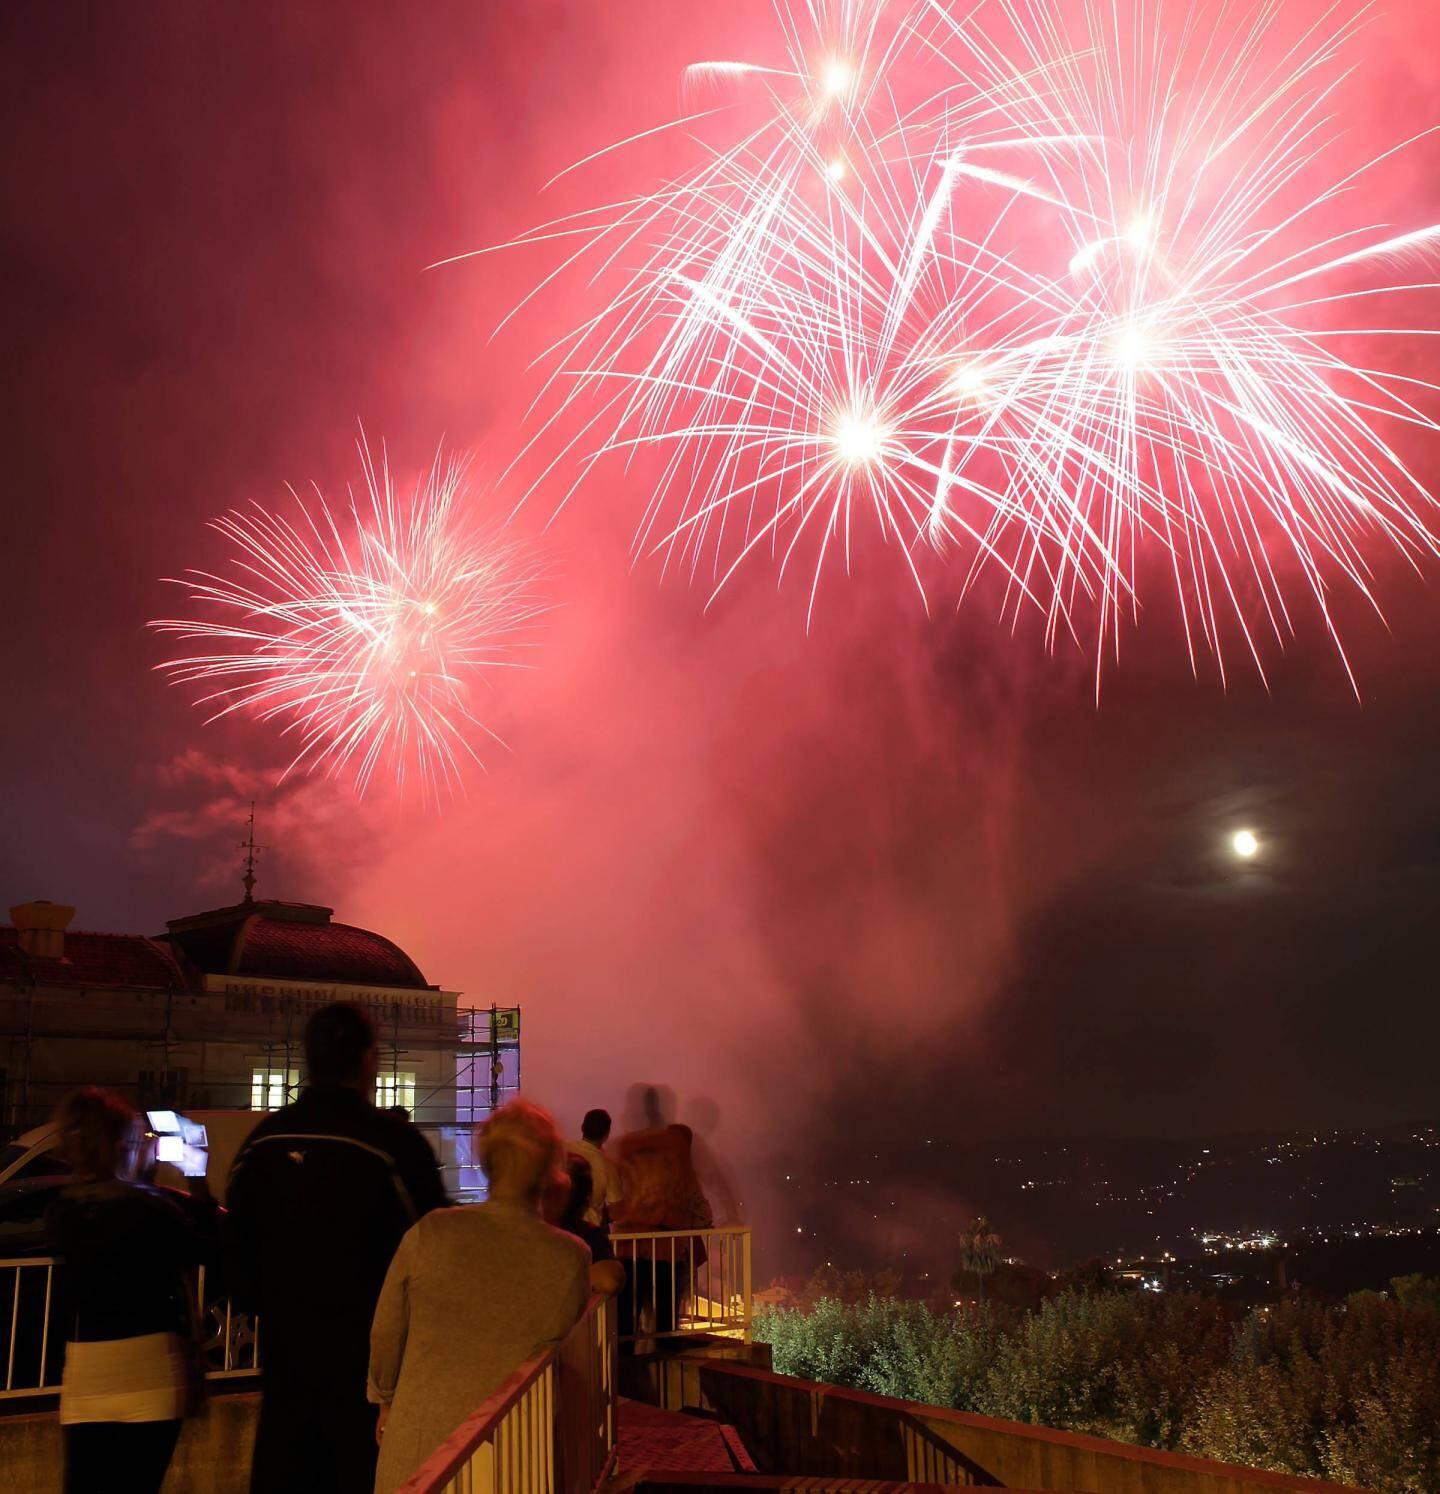 Comme chaque année, le feu d'artifice sera tiré le 13 juillet, à 22 h, depuis le Jardins des plantes. Visible depuis le Cours Honoré-Cresp, il sera suivi d'une soirée animé par un Dj sur le Cours.